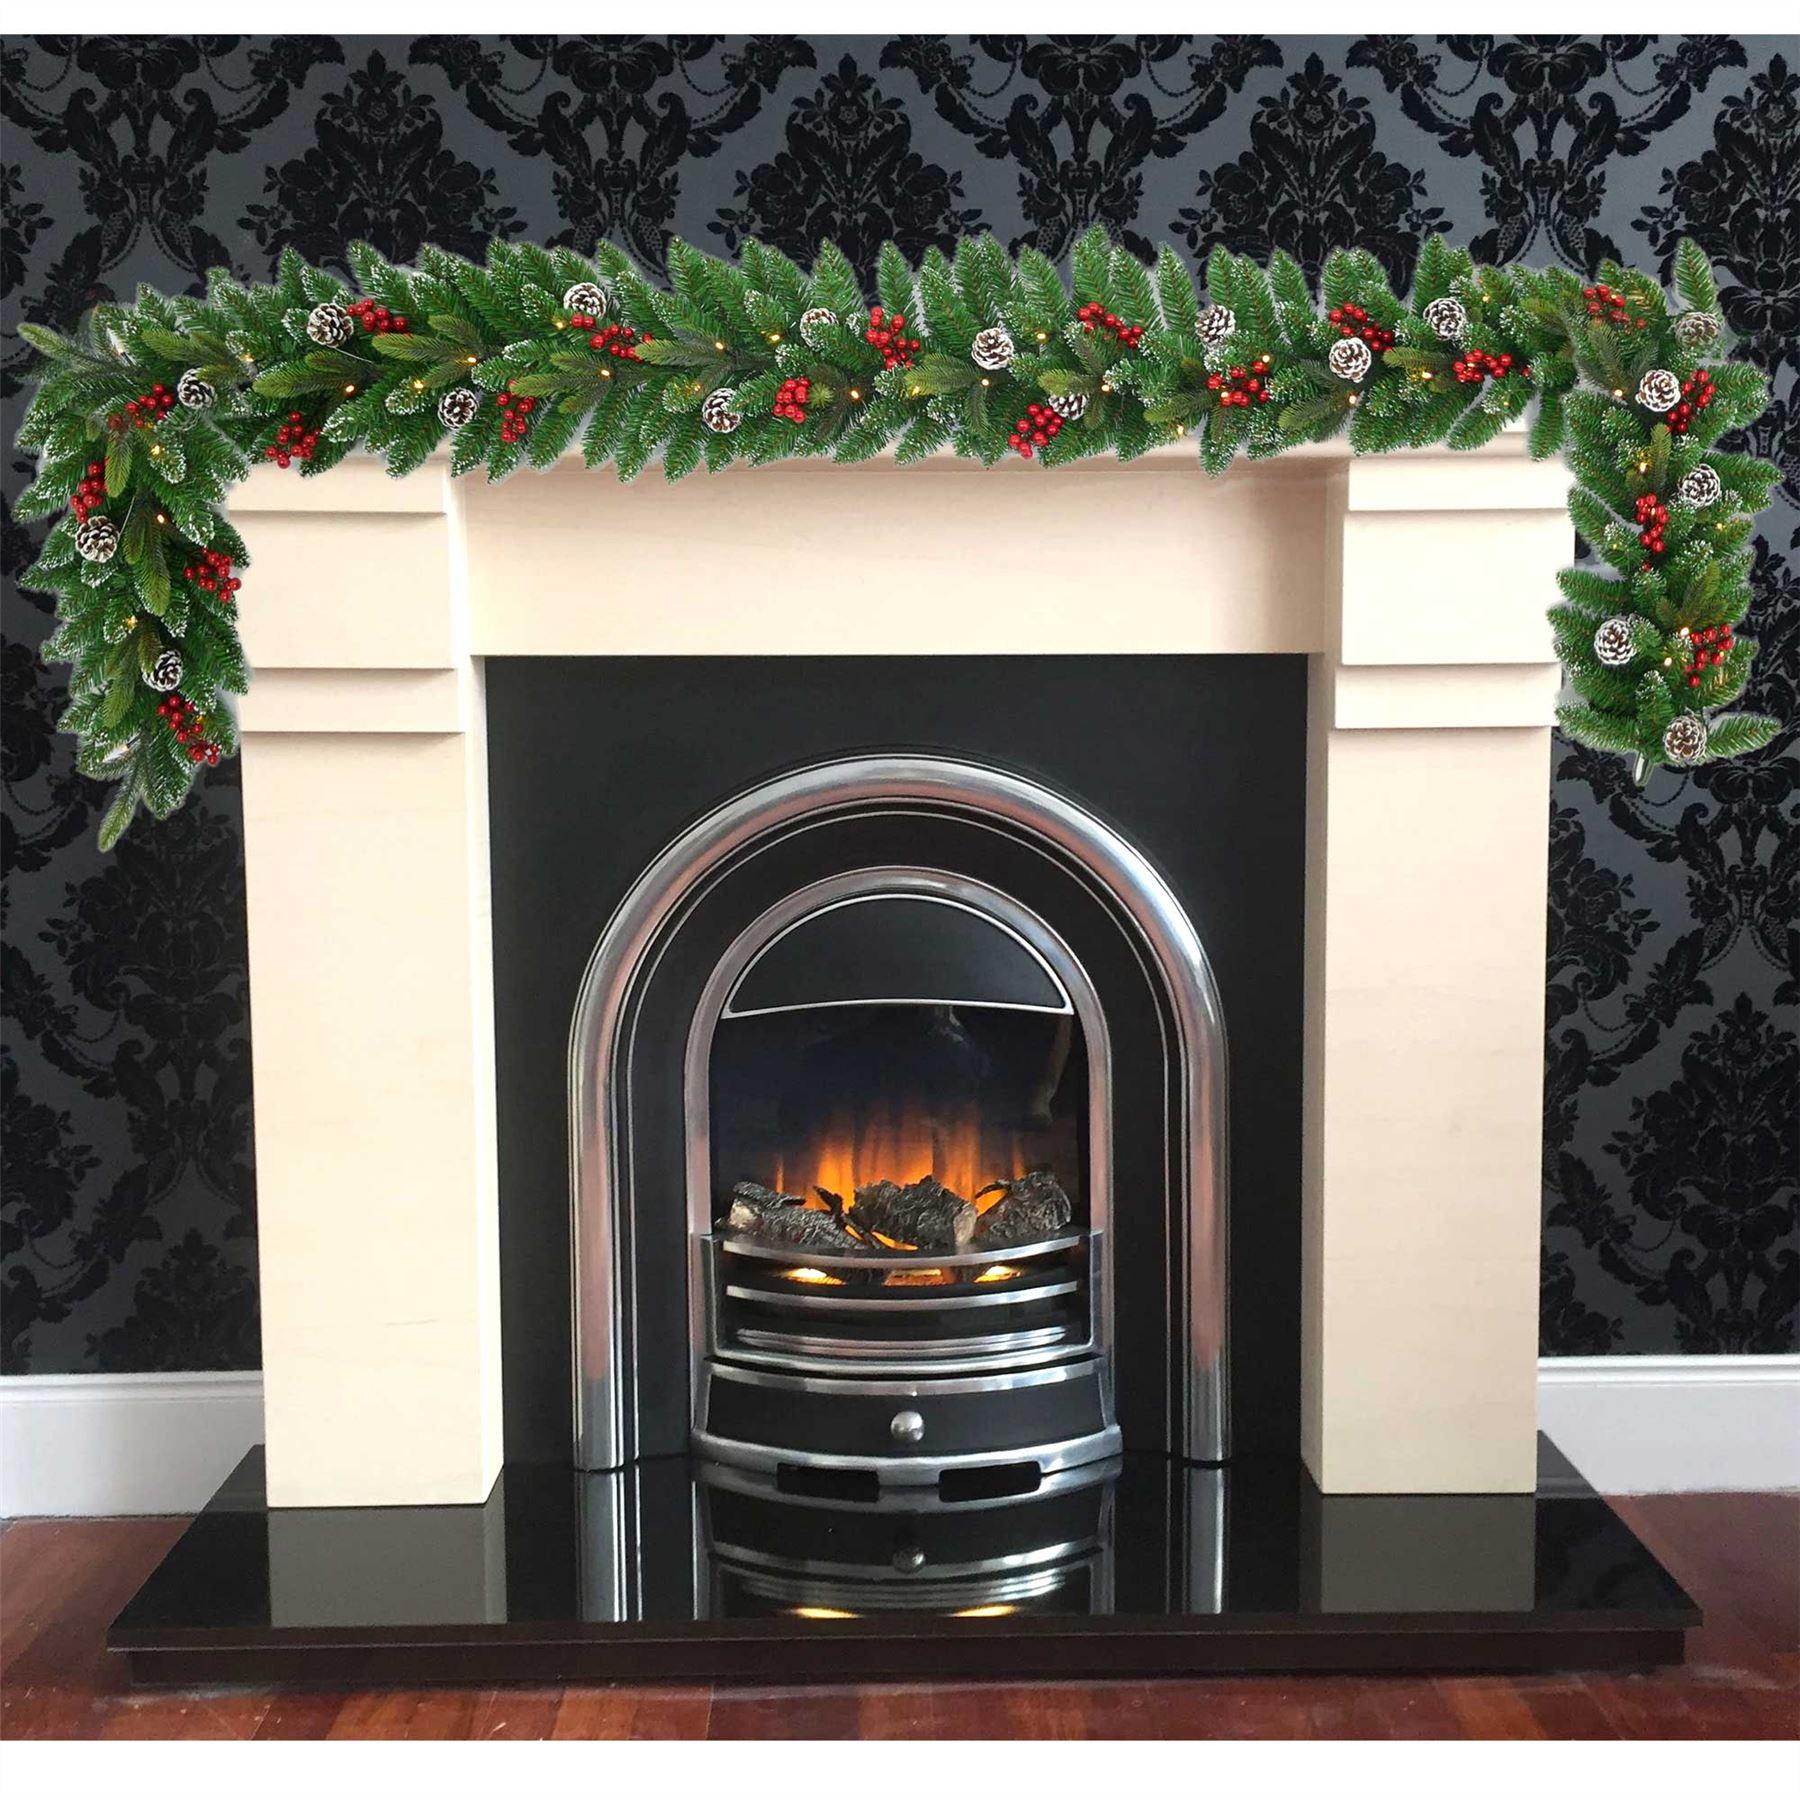 Pre-Illuminato-PRELIT-decorato-Corona-Ghirlanda-Decorazioni-Natalizie-Natale-Home-Decor-UK miniatura 5